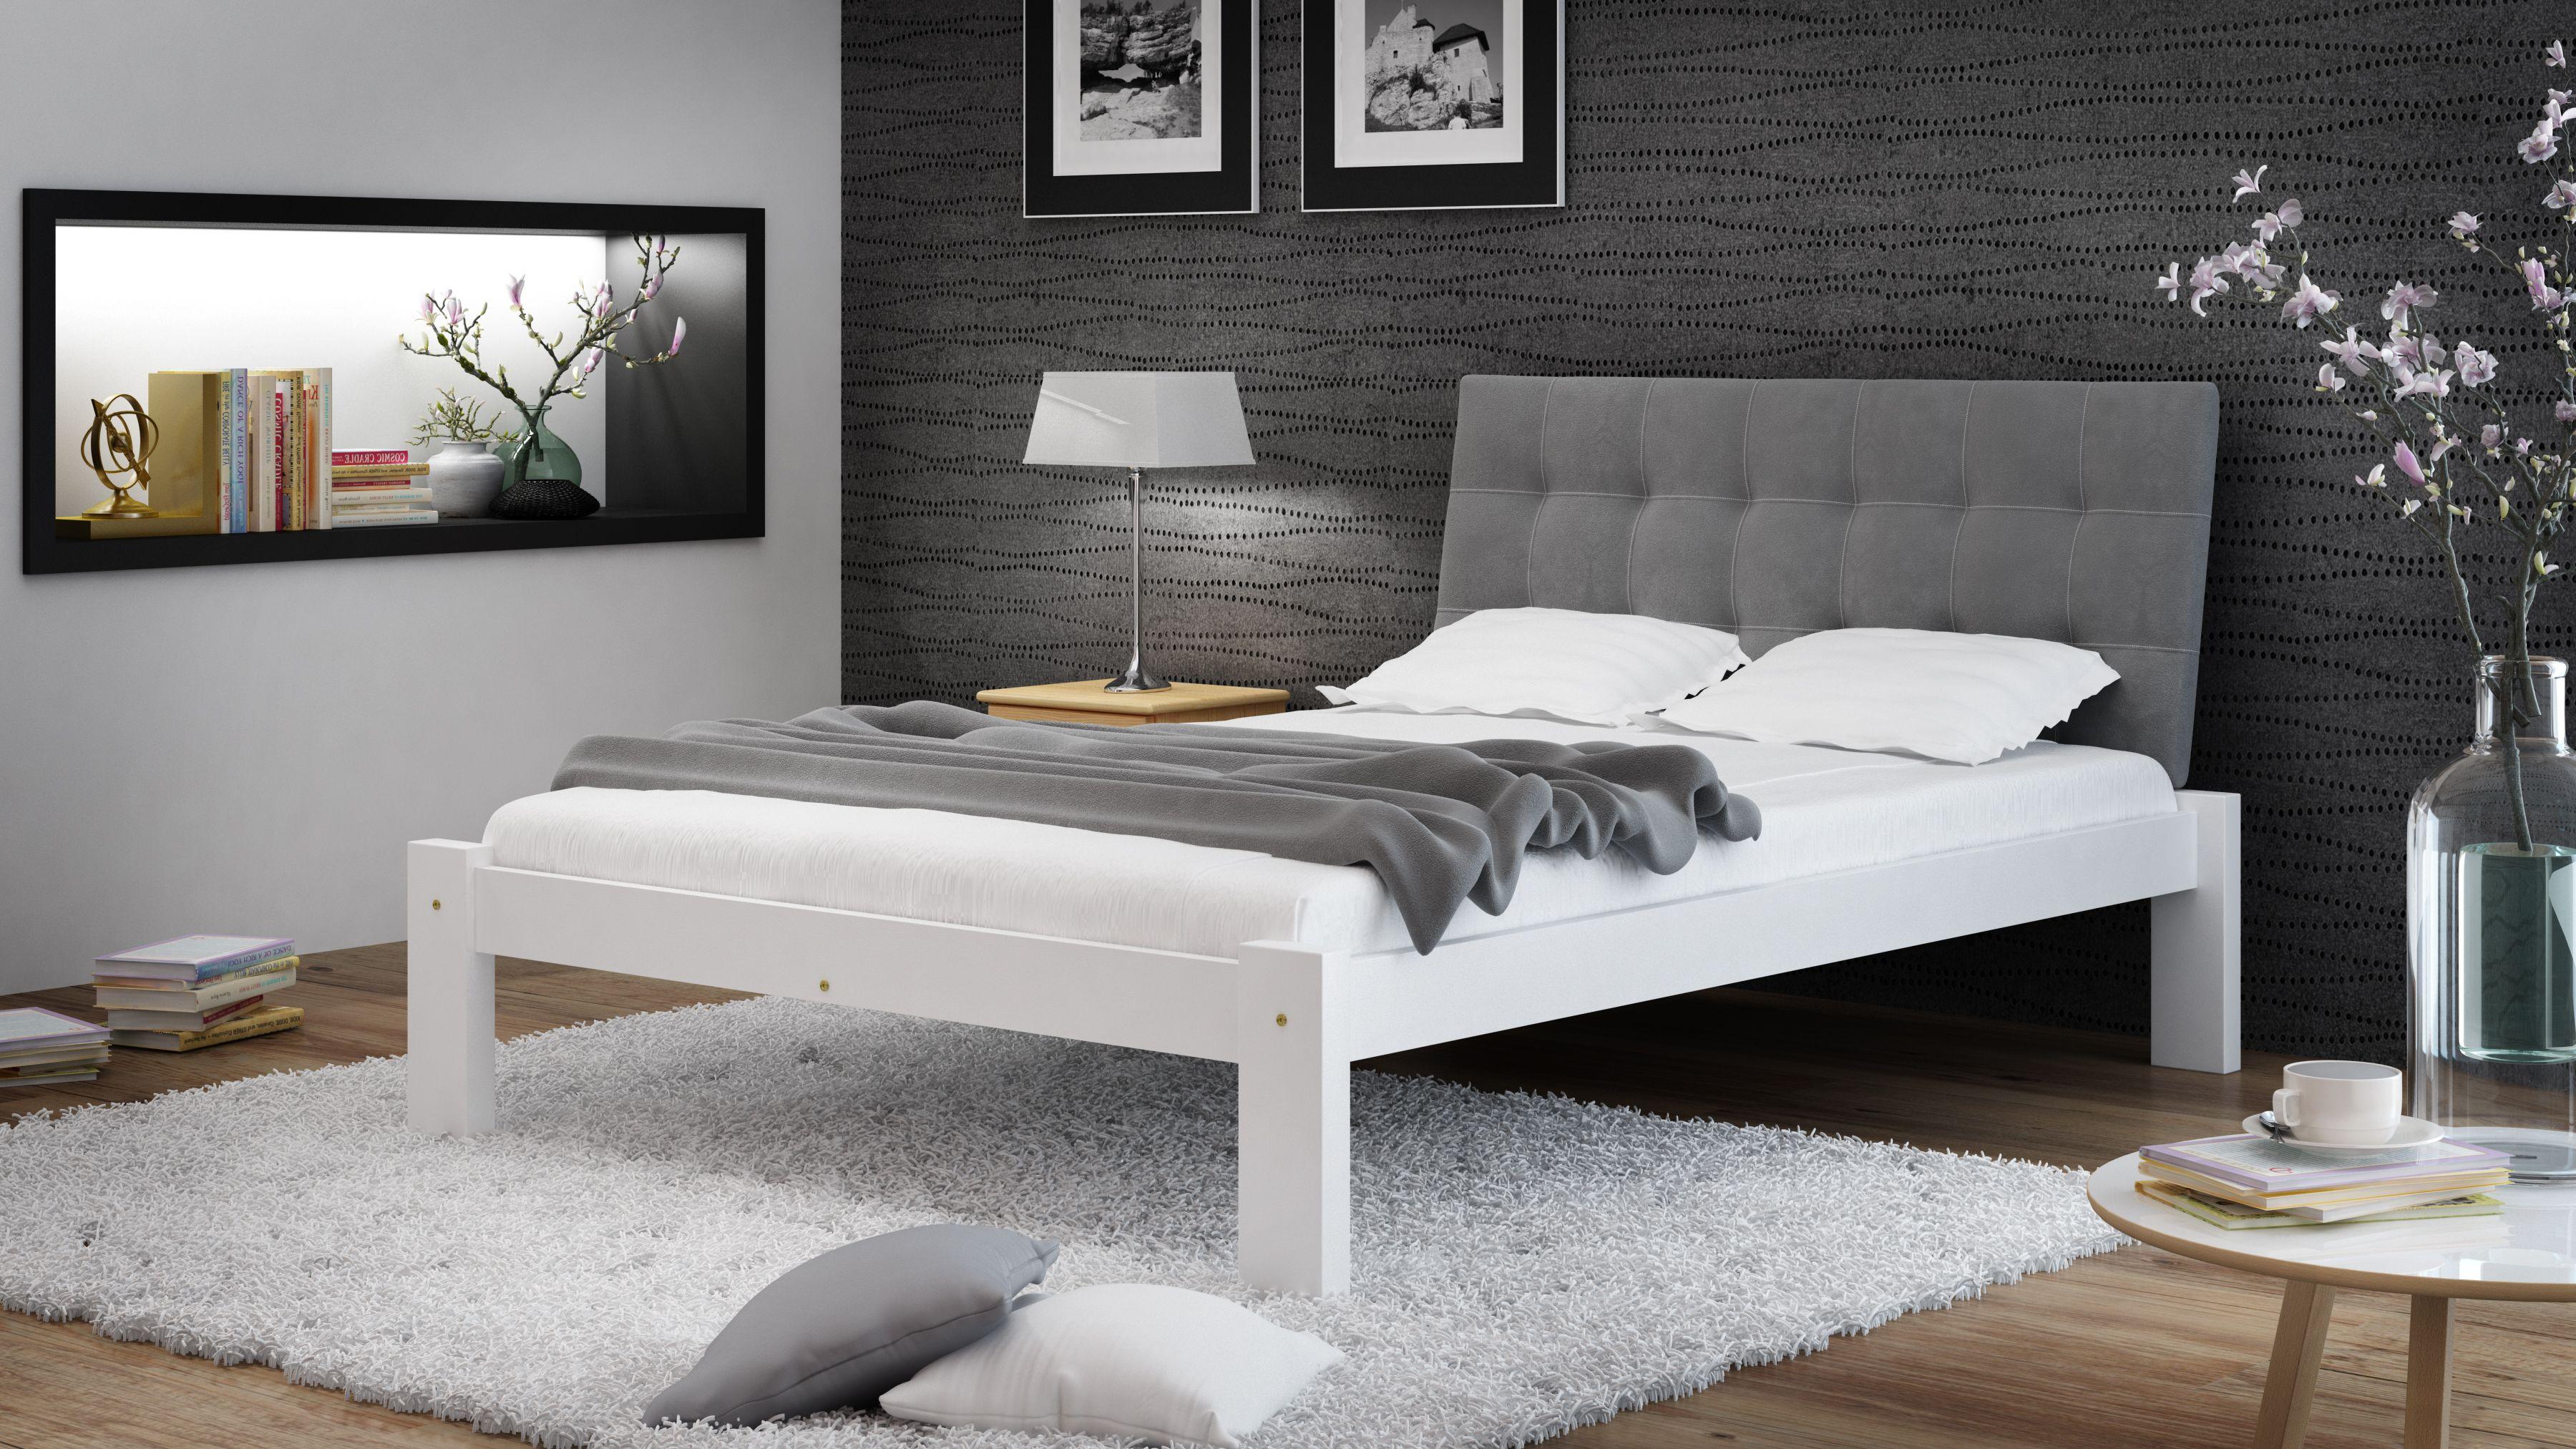 Weisses Holzbett Mit Grauem Kopfteil Die Minimalistische Form